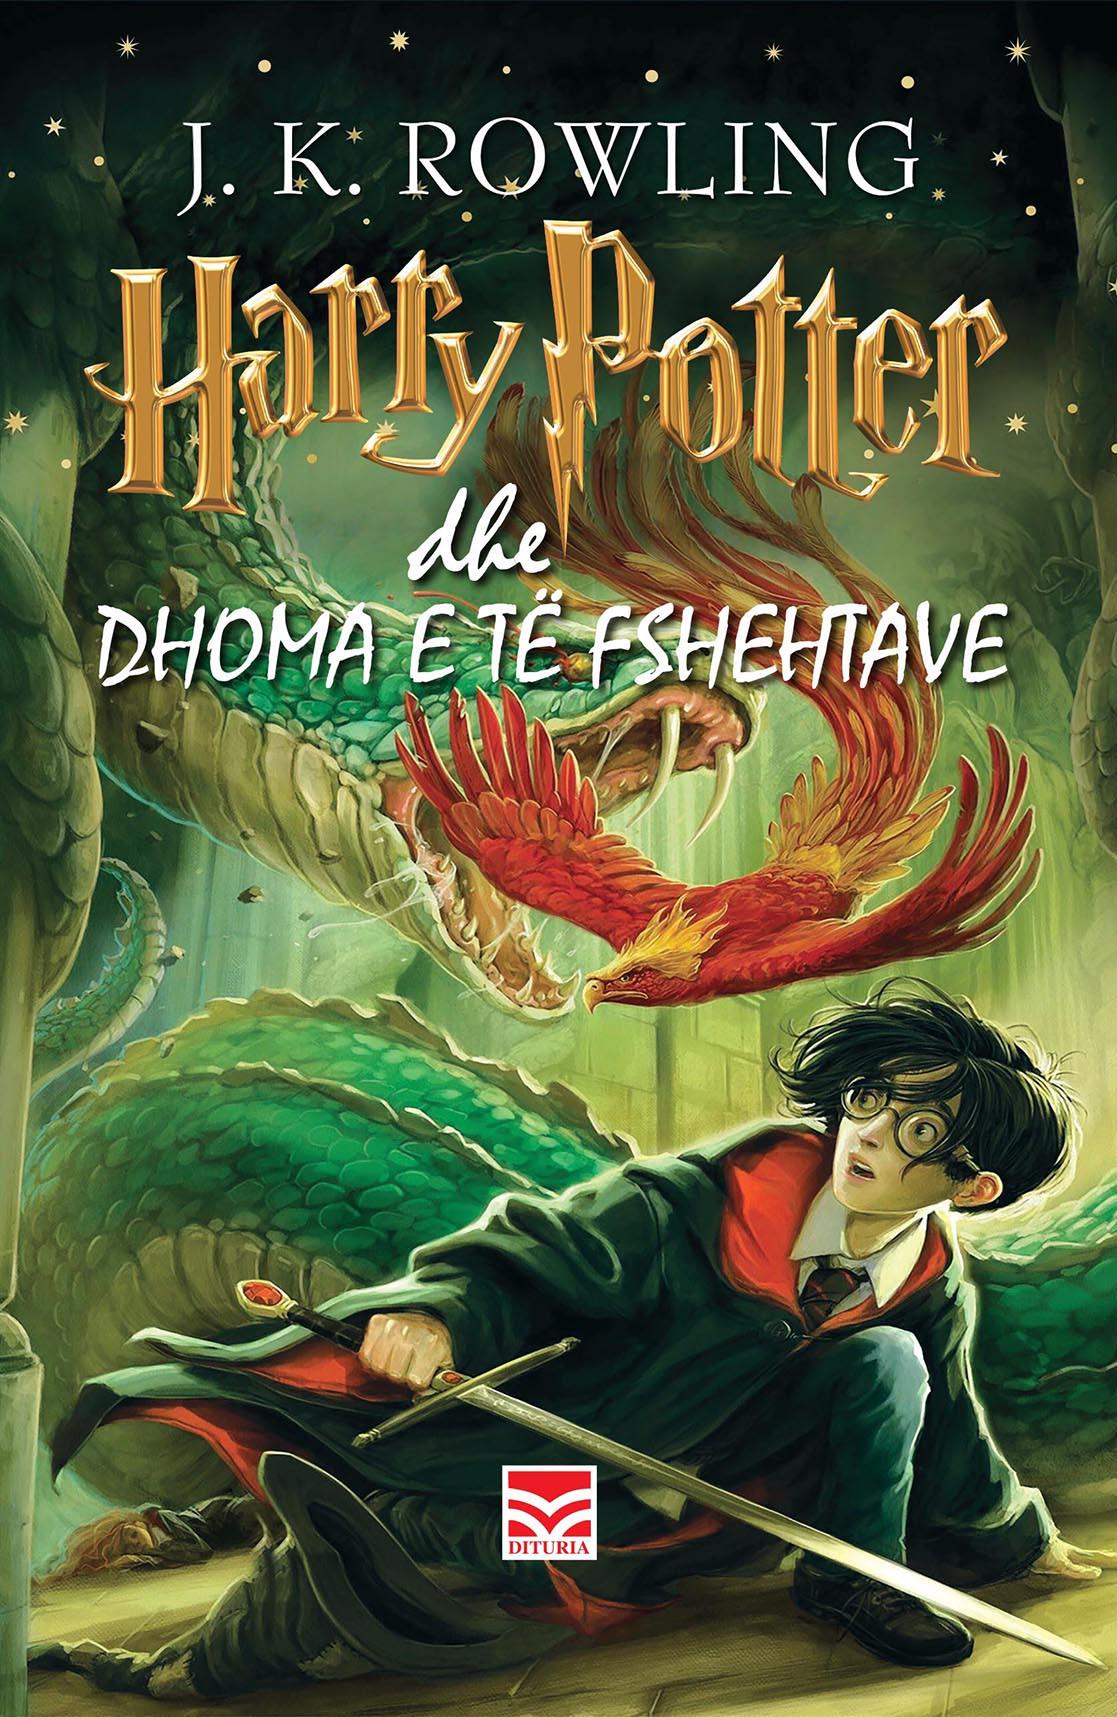 Harry Potter 2 dhe dhoma e te fshehtave